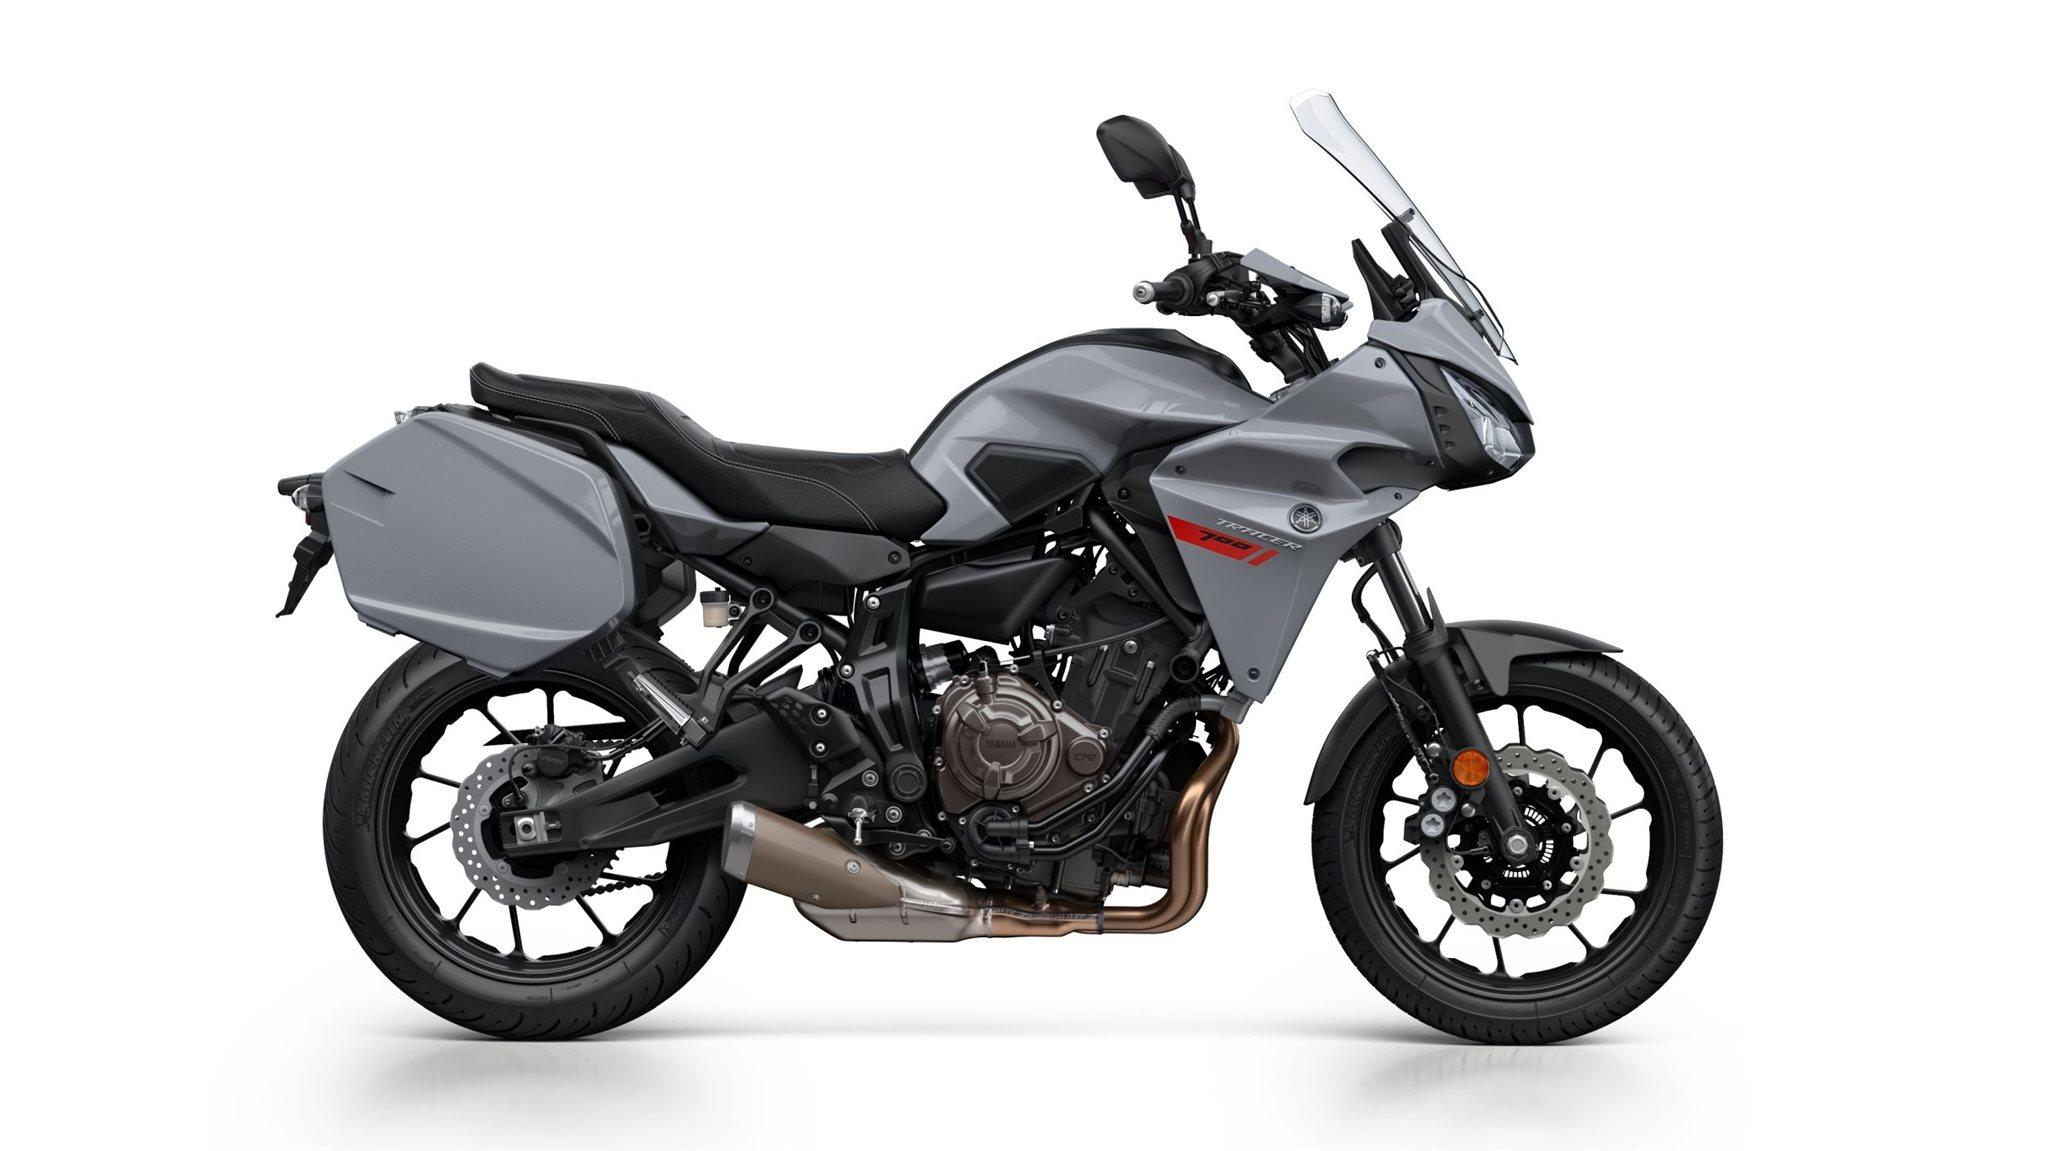 Gebrauchte Und Neue Yamaha Tracer 700 Gt Motorräder Kaufen